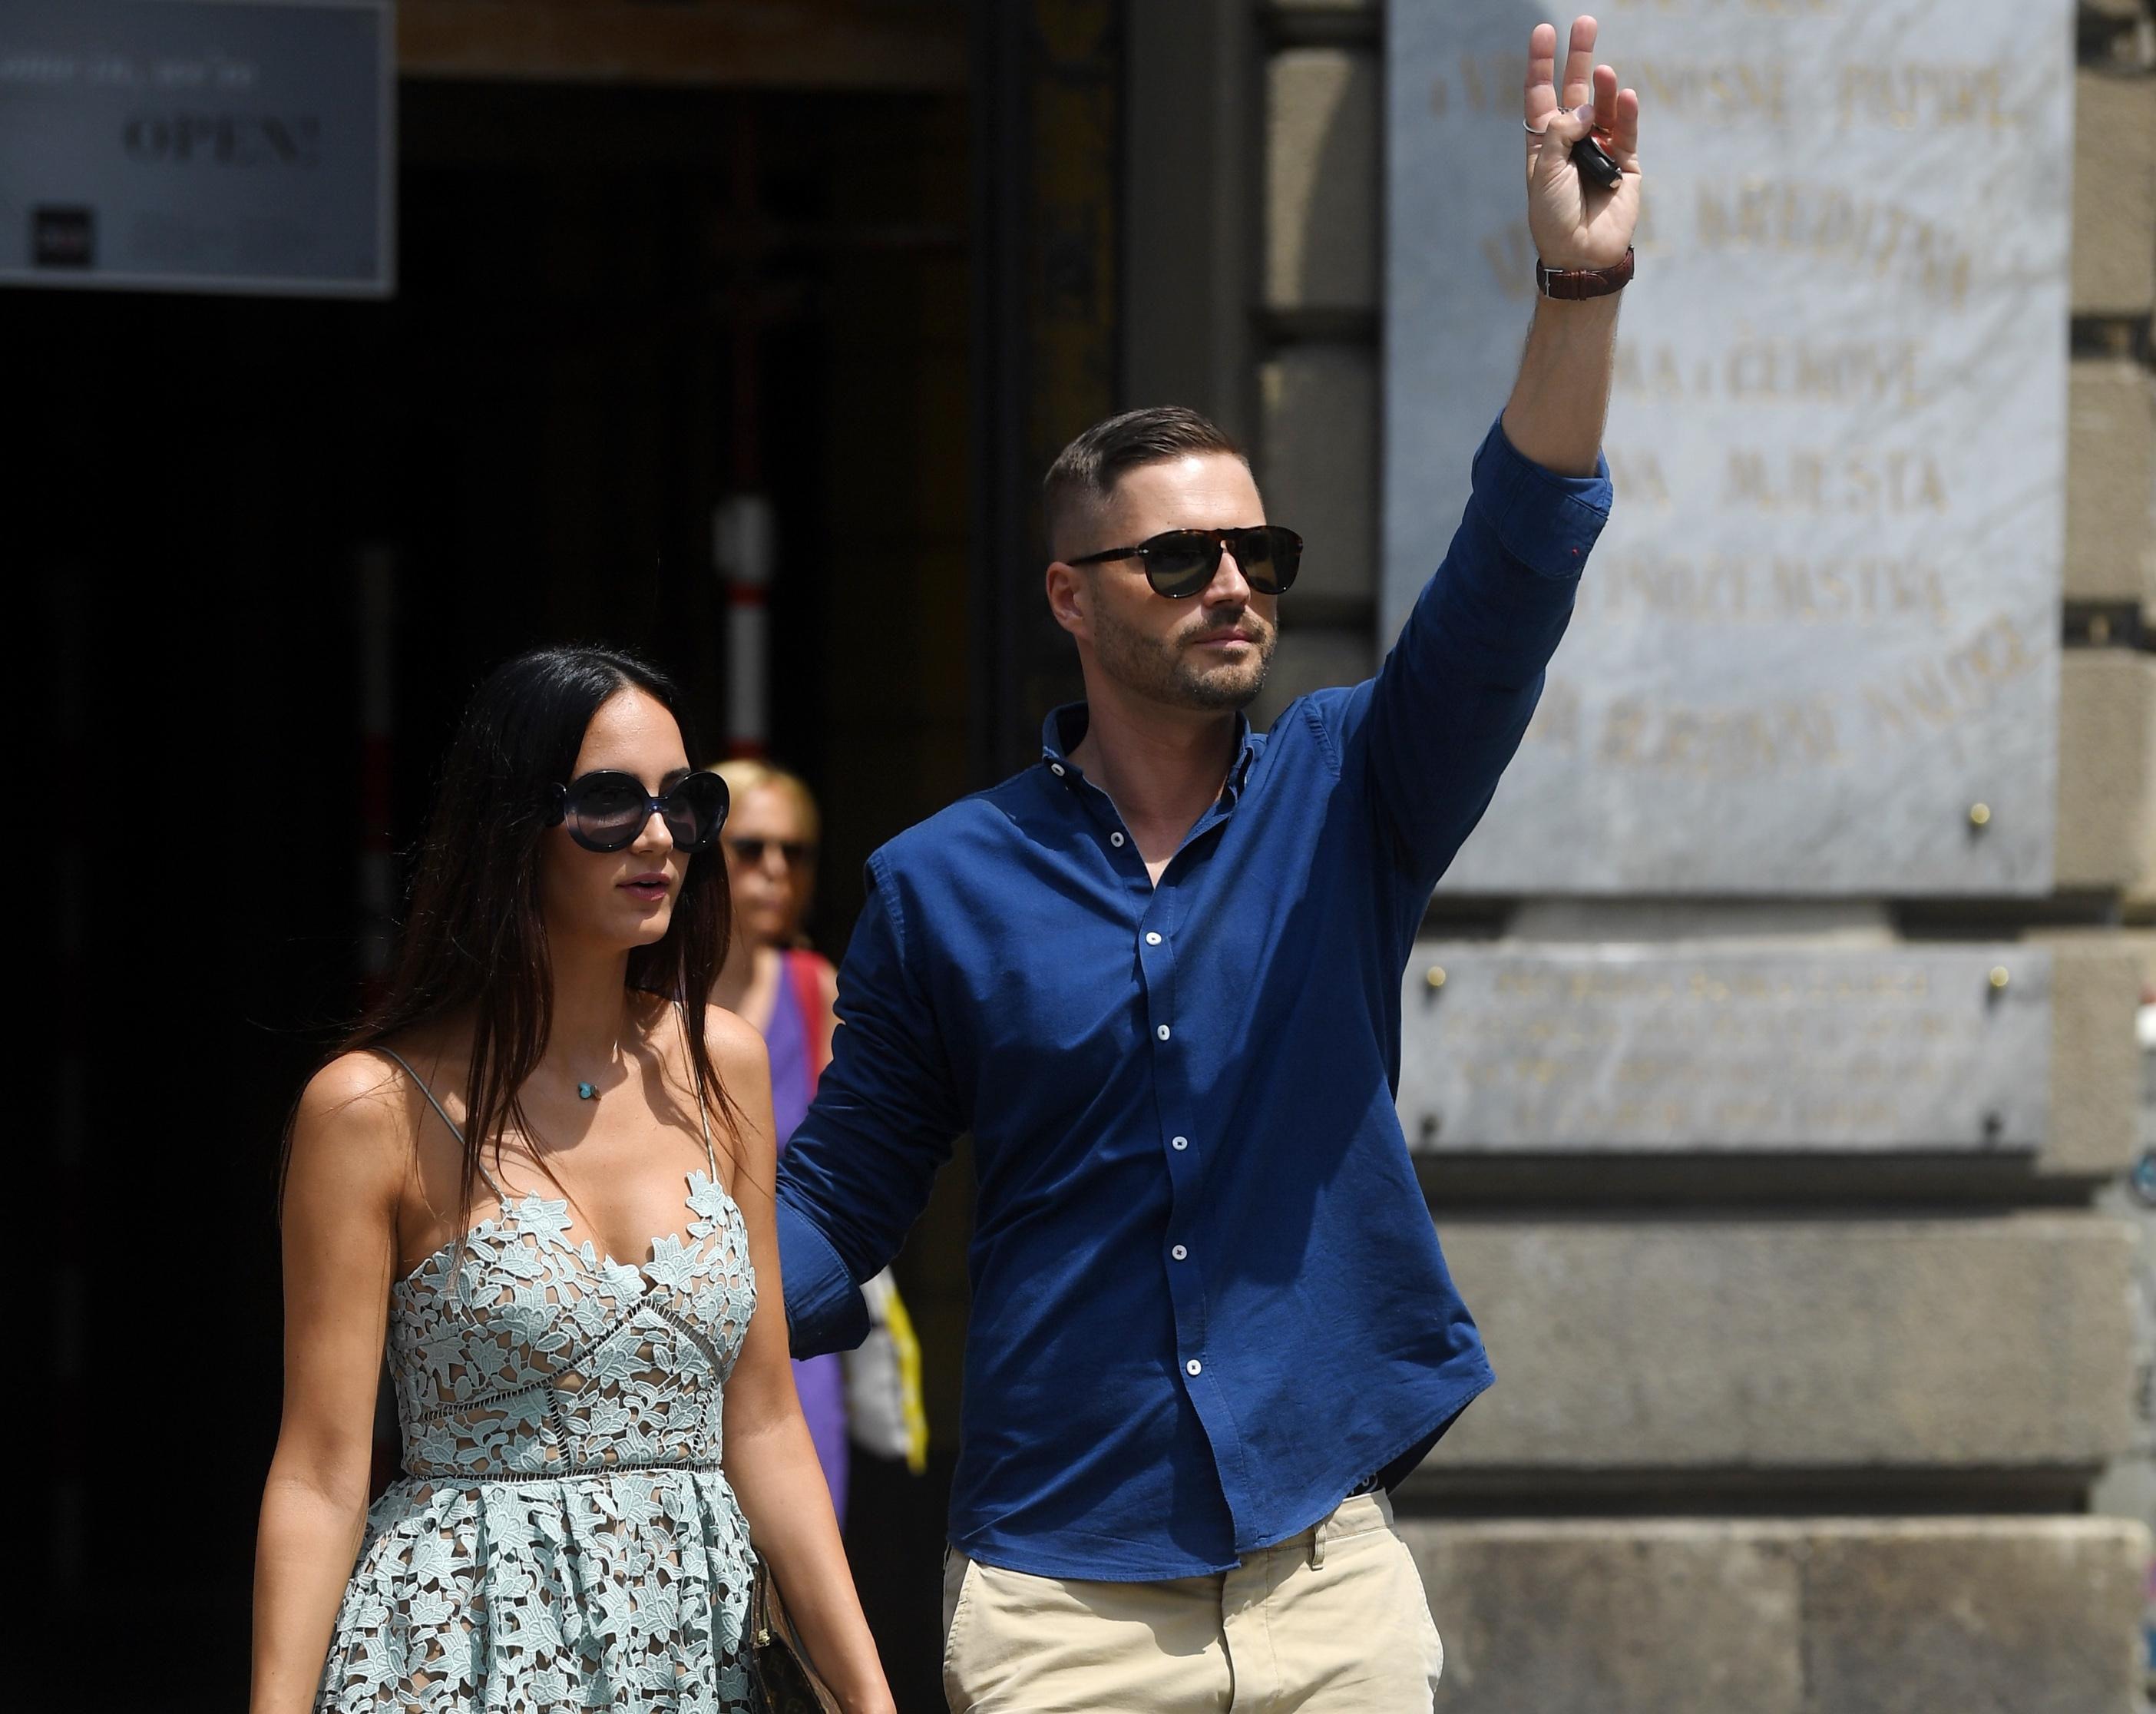 Odlični su! Ovaj zgodni par sa špice apsolutni je #goals